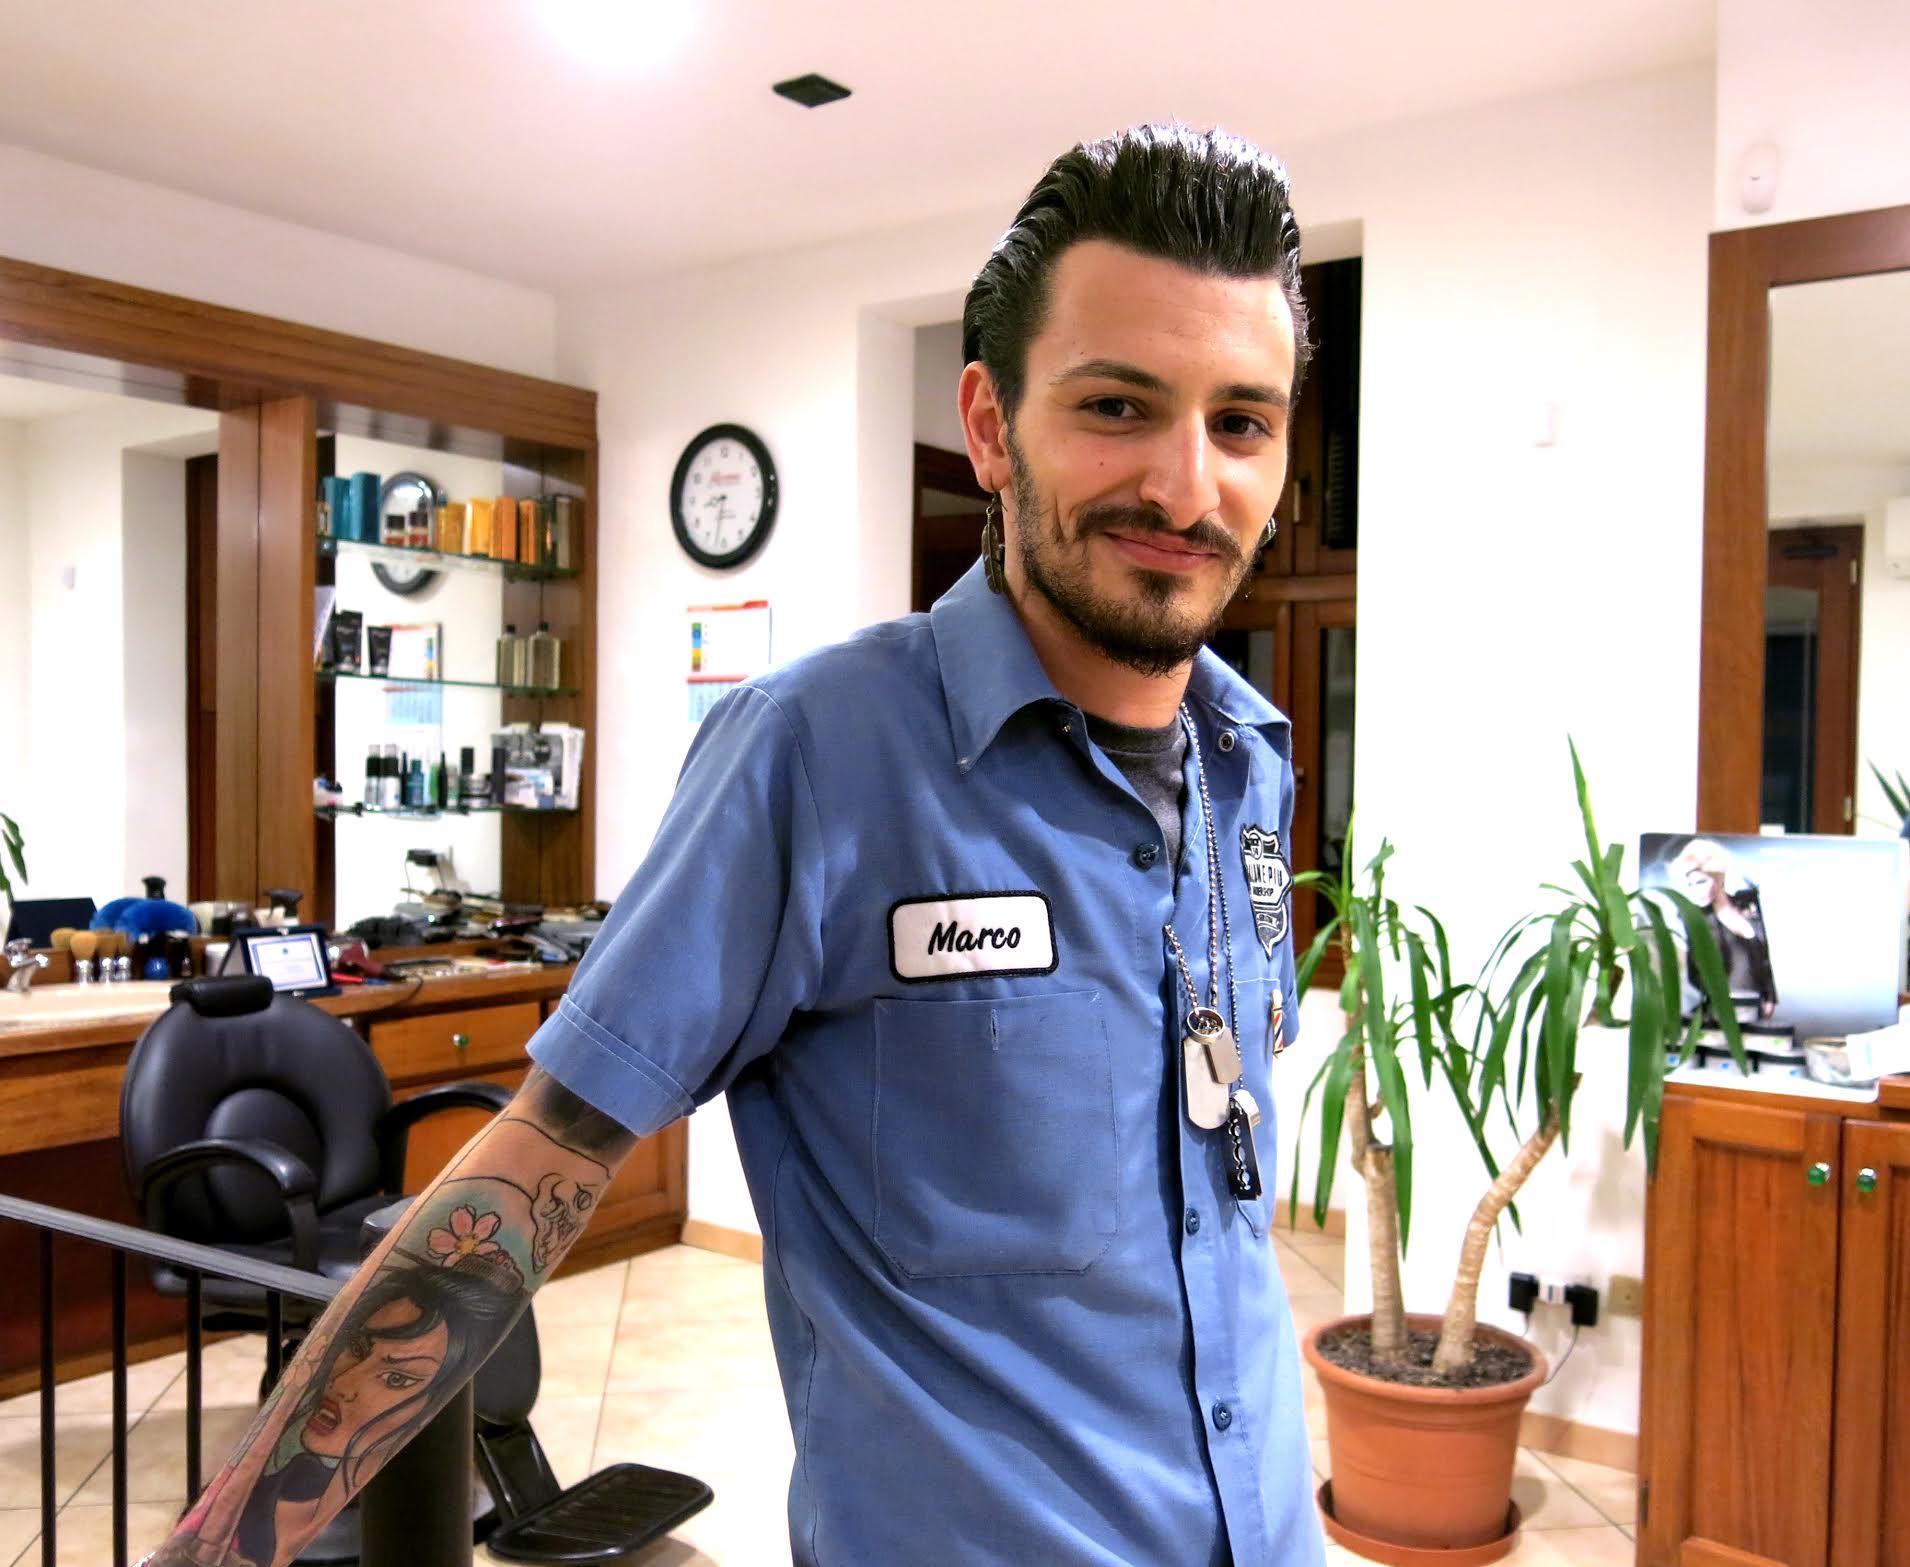 Intervista a Marco Brungiu, il nuovo talento emergente della barberia internazionale